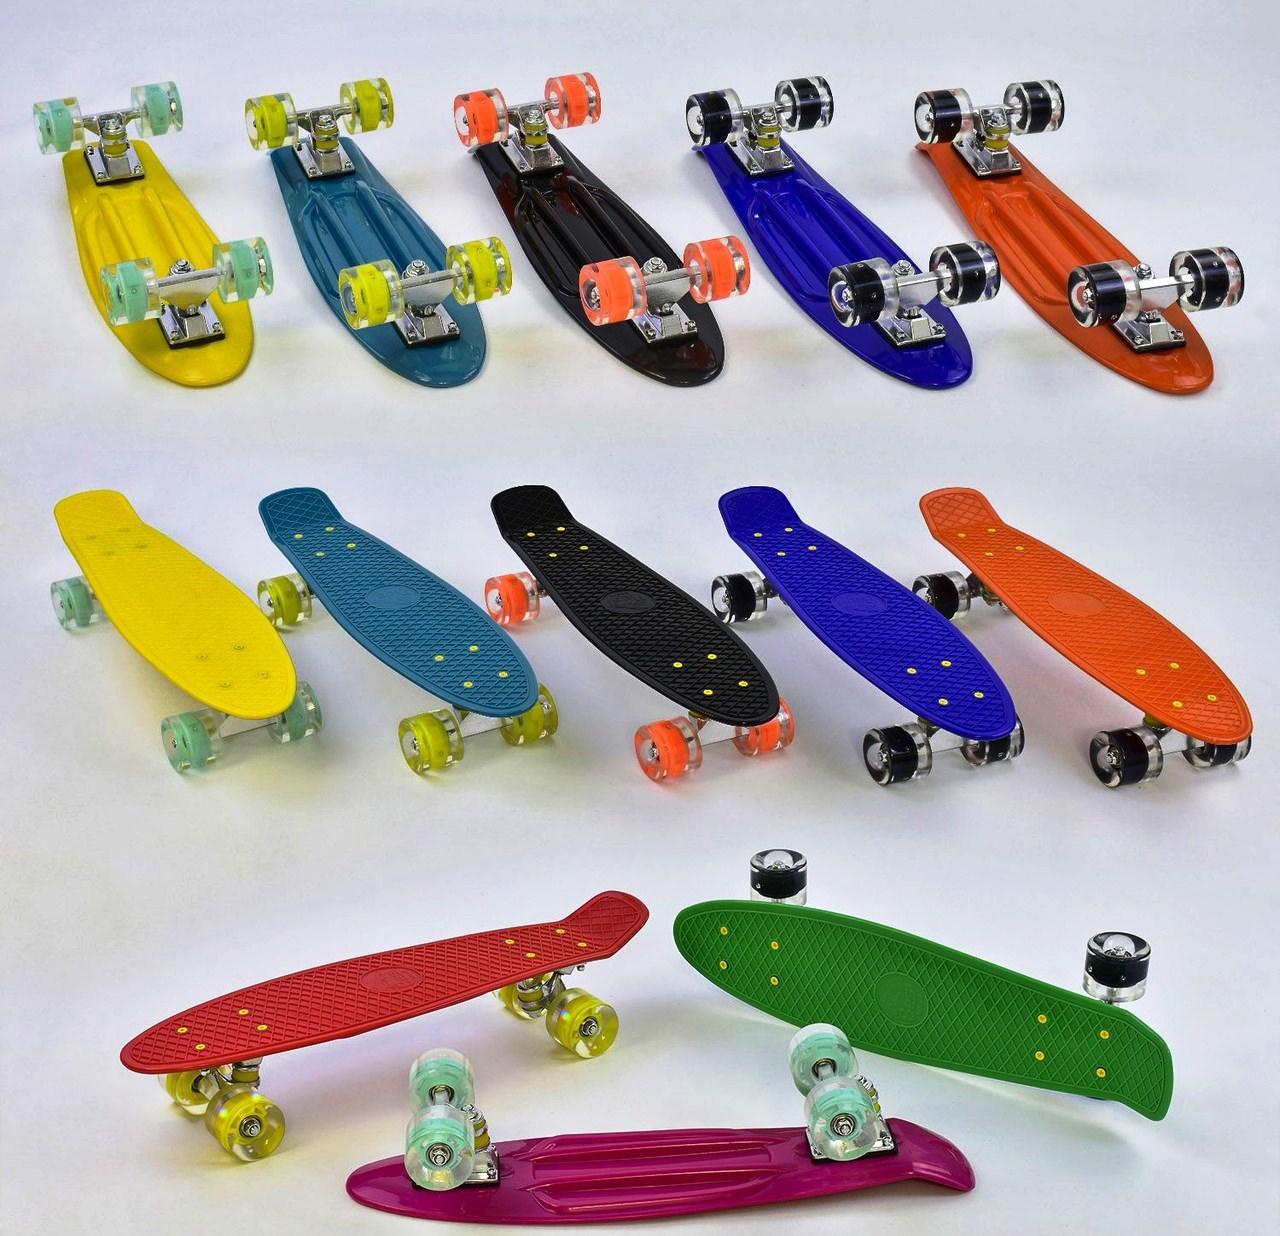 Скейт Пенни борд Best Board S 30470 (8 видов), доска=55 см, колёса PU, светятся